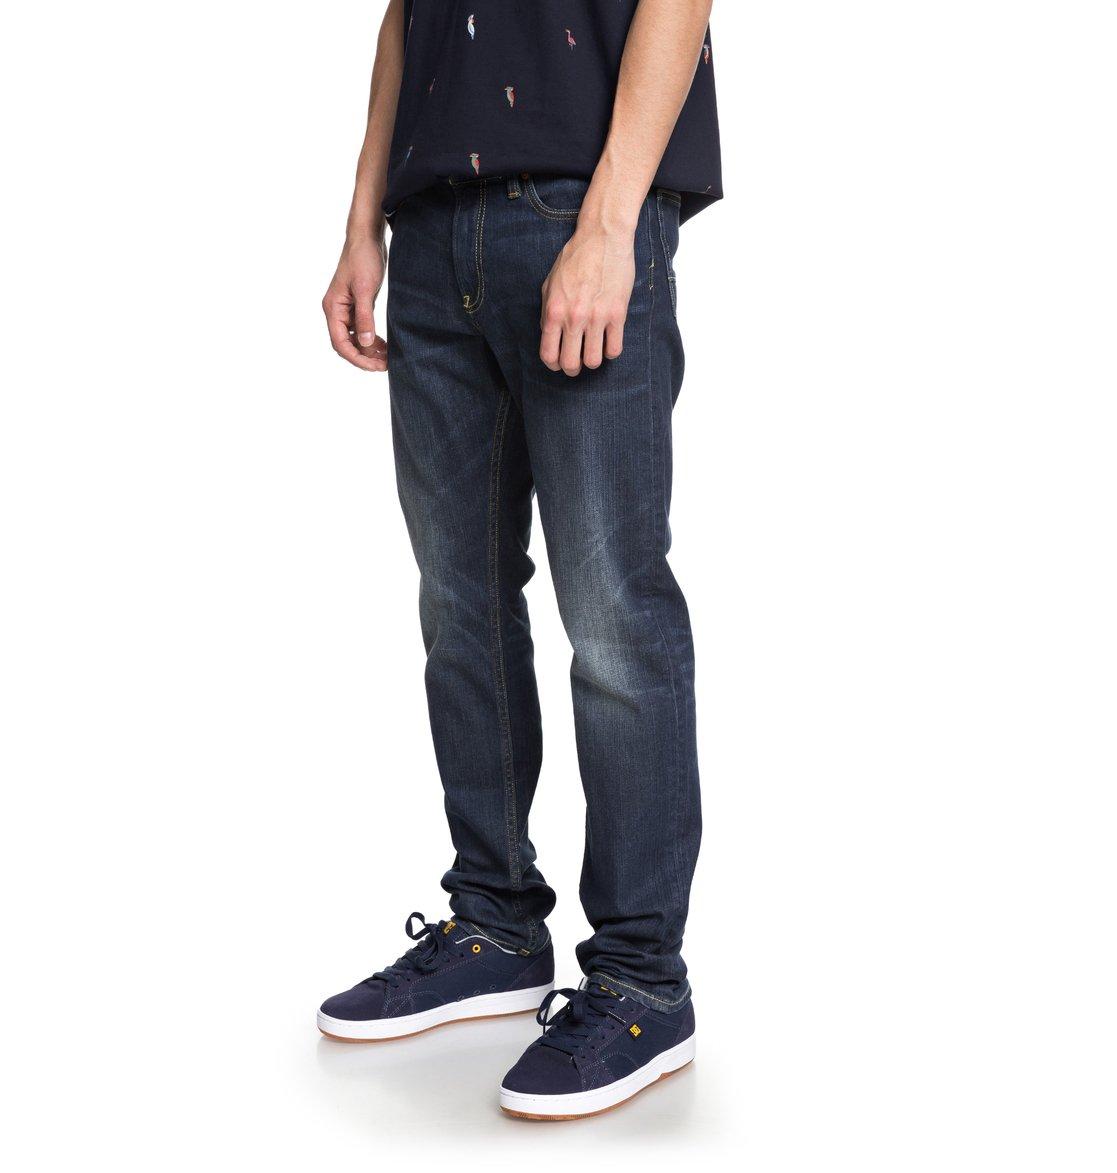 dc shoes Worker Medium Stone - Jeans Vestibilità Slim da Uomo - Blue - DC Shoes Baratas Muchos Tipos De 2018 Para La Venta Dónde Comprar Bajo Precio El Envío Libre Genuino Gran Venta CJdgaUczH